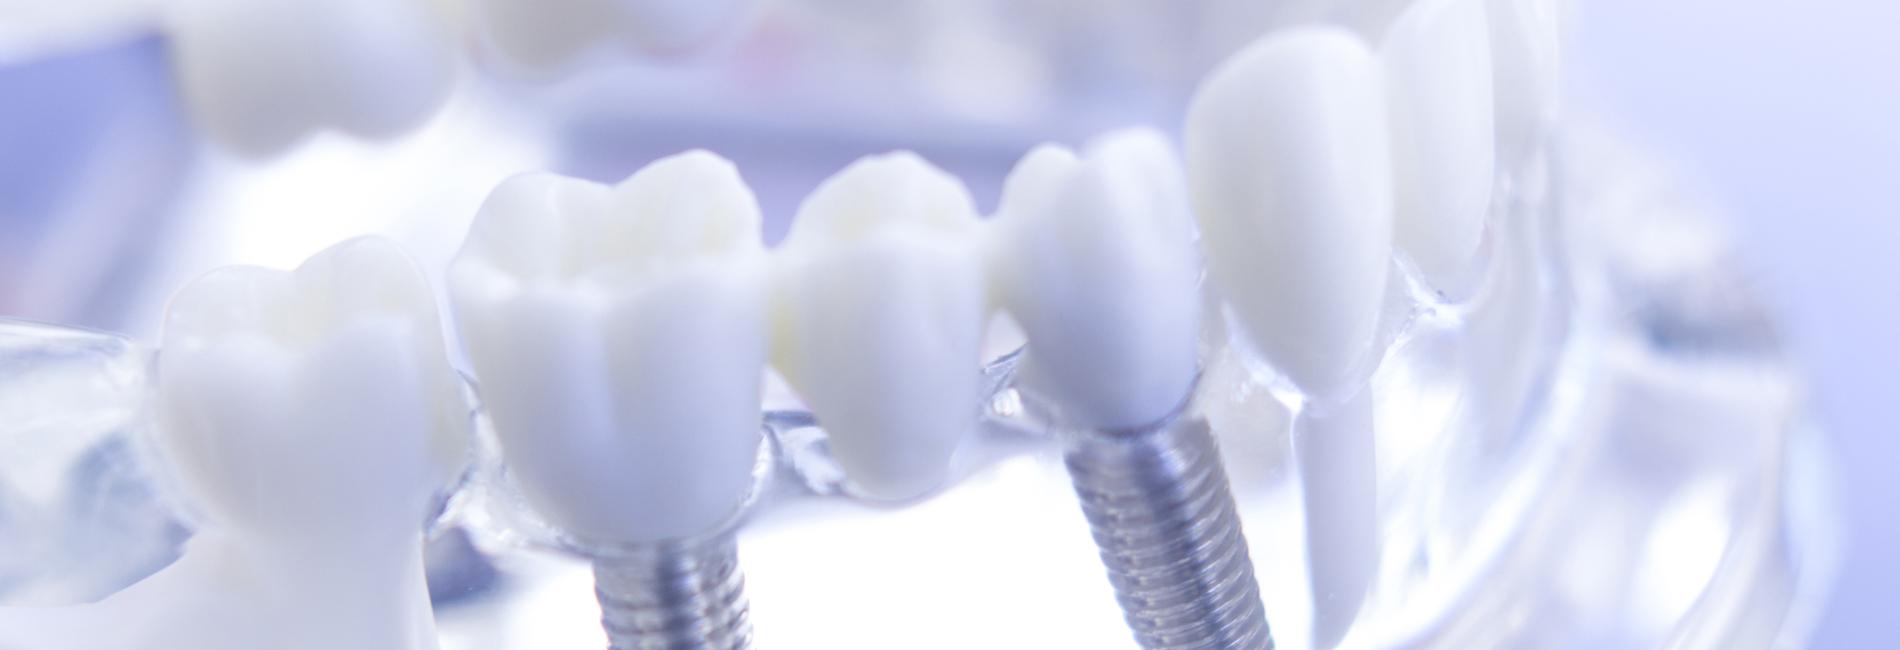 Zahnarzt-Tornesch-Implantologie-Still